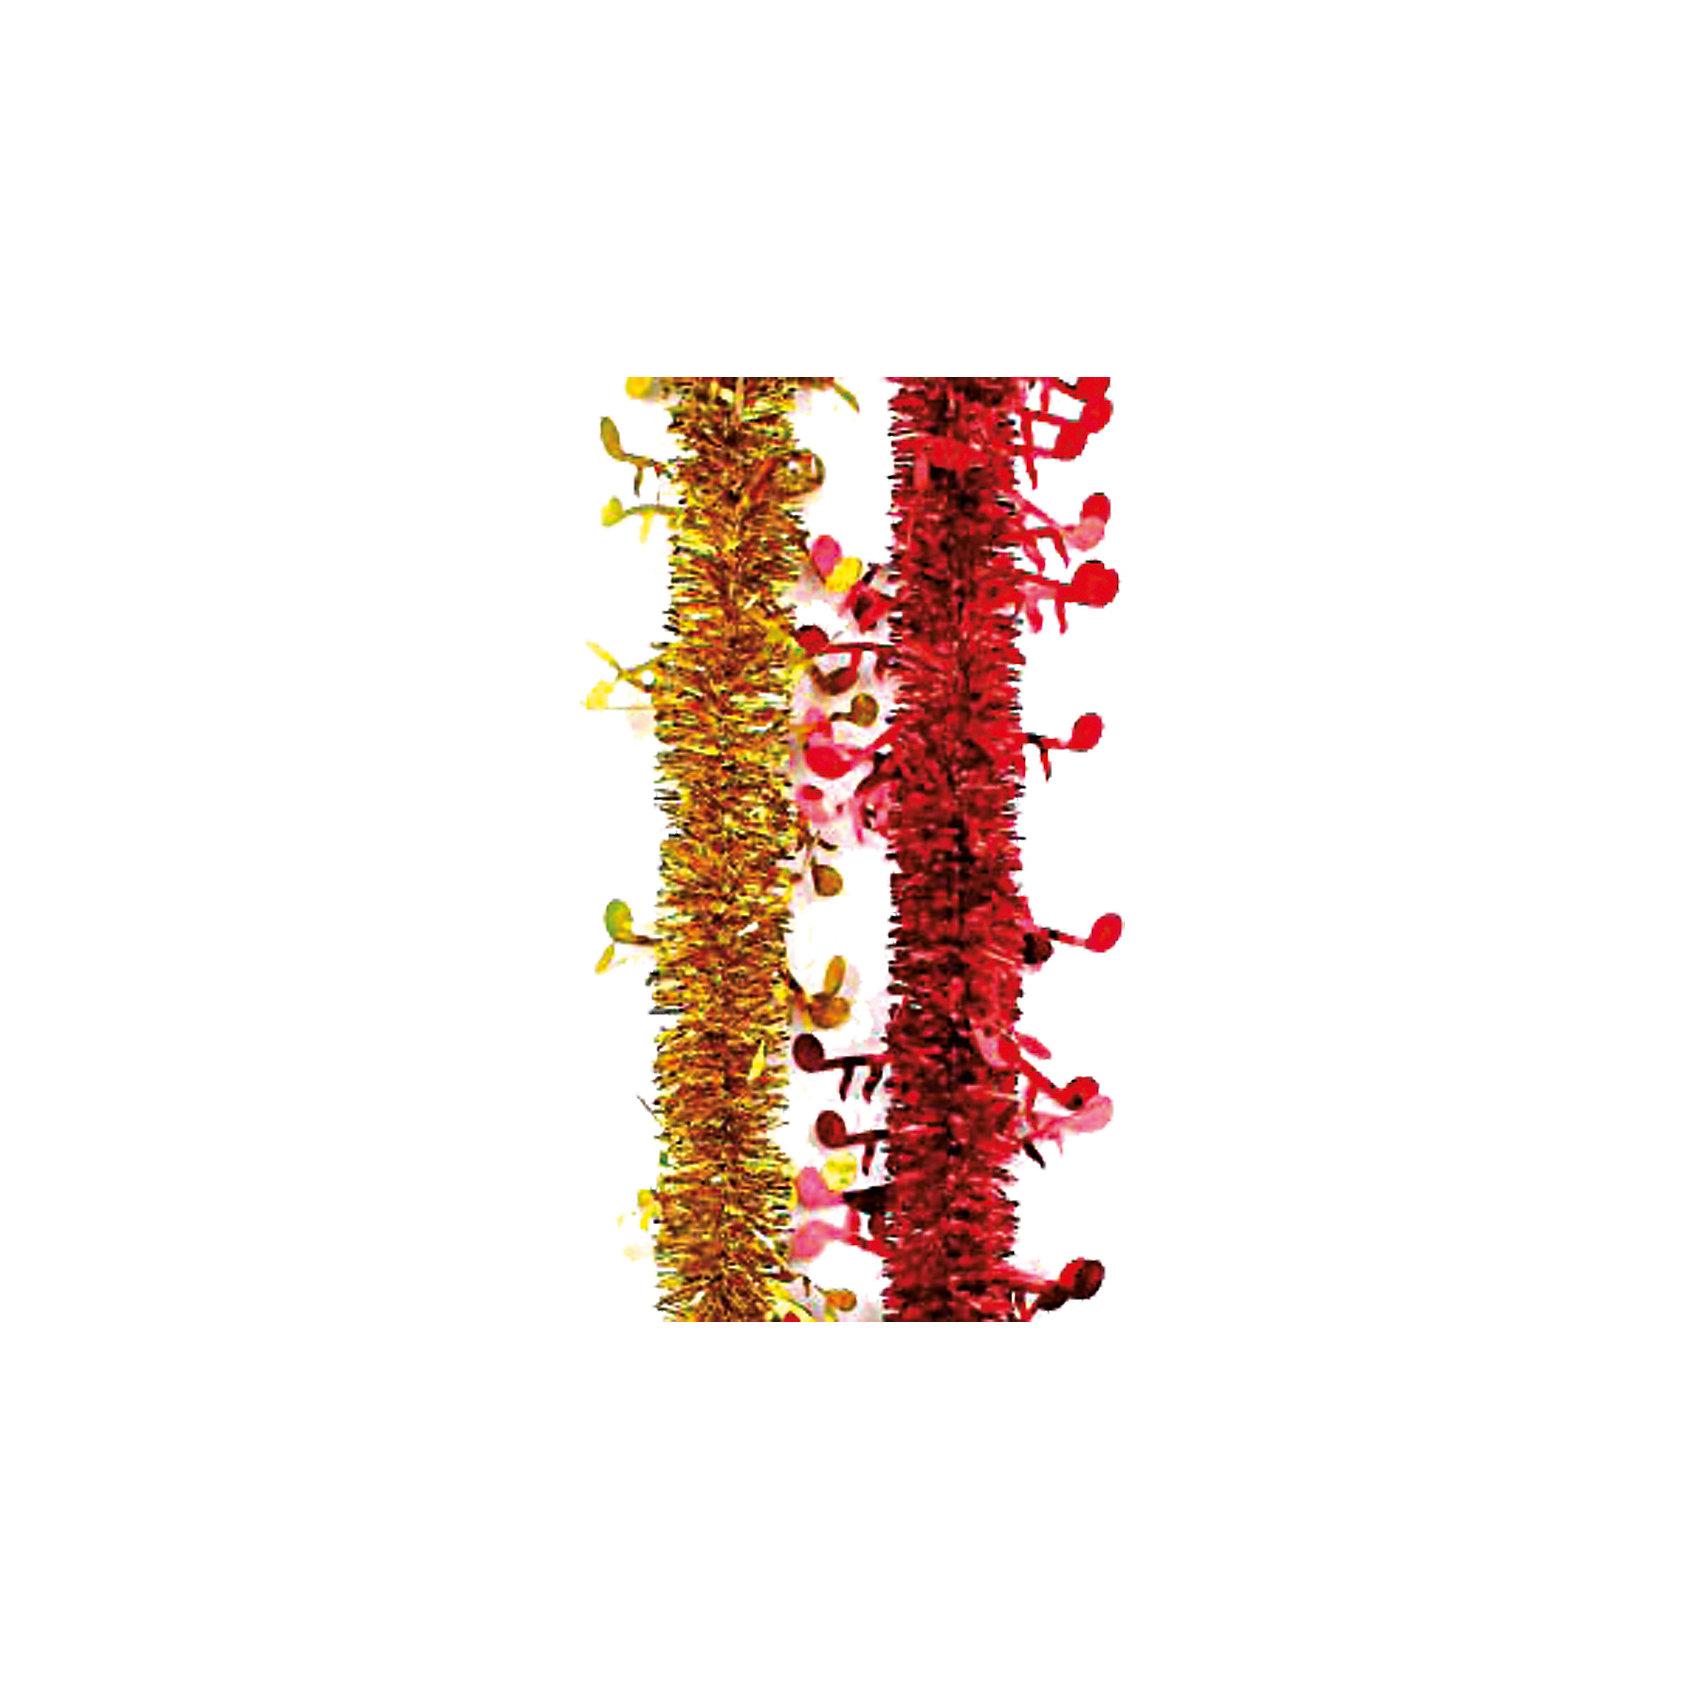 Мишура Мелодия, Marko FerenzoВсё для праздника<br>Мишура Мелодия, Marko Ferenzo, станет замечательным украшением Вашей новогодней елки или интерьера и поможет создать праздничную волшебную атмосферу. Мишура выполнена в нарядном привлекательном дизайне и декорирована фигурками в виде ноток, она будет чудесно смотреться на елке и радовать детей и взрослых. В ассортименте золотой и красный цвета.<br><br>Дополнительная информация:<br><br>- Цвет: золотой или красный (в ассортименте).<br>- Размер мишуры: 5 х 200 см.<br>- Размер упаковки: 13 х 12 х 8 см.<br>- Вес: 52 гр.<br><br>Мишуру Мелодия, Marko Ferenzo, можно купить в нашем интернет-магазине.<br><br>Ширина мм: 100<br>Глубина мм: 10<br>Высота мм: 100<br>Вес г: 52<br>Возраст от месяцев: 36<br>Возраст до месяцев: 2147483647<br>Пол: Унисекс<br>Возраст: Детский<br>SKU: 4418892